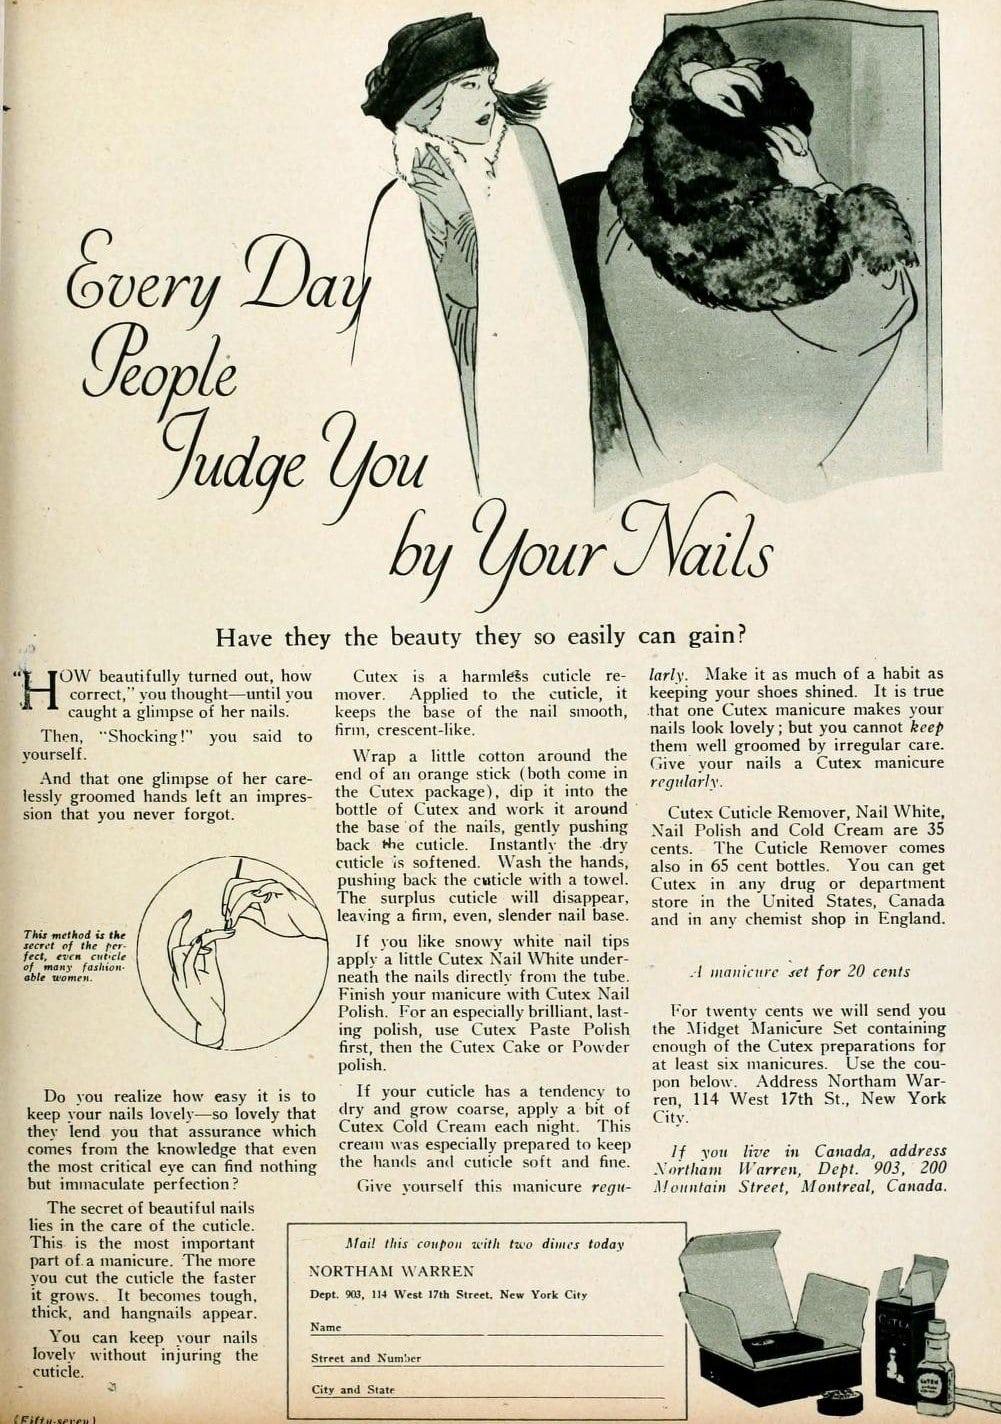 Vintage manicure kits (1920)